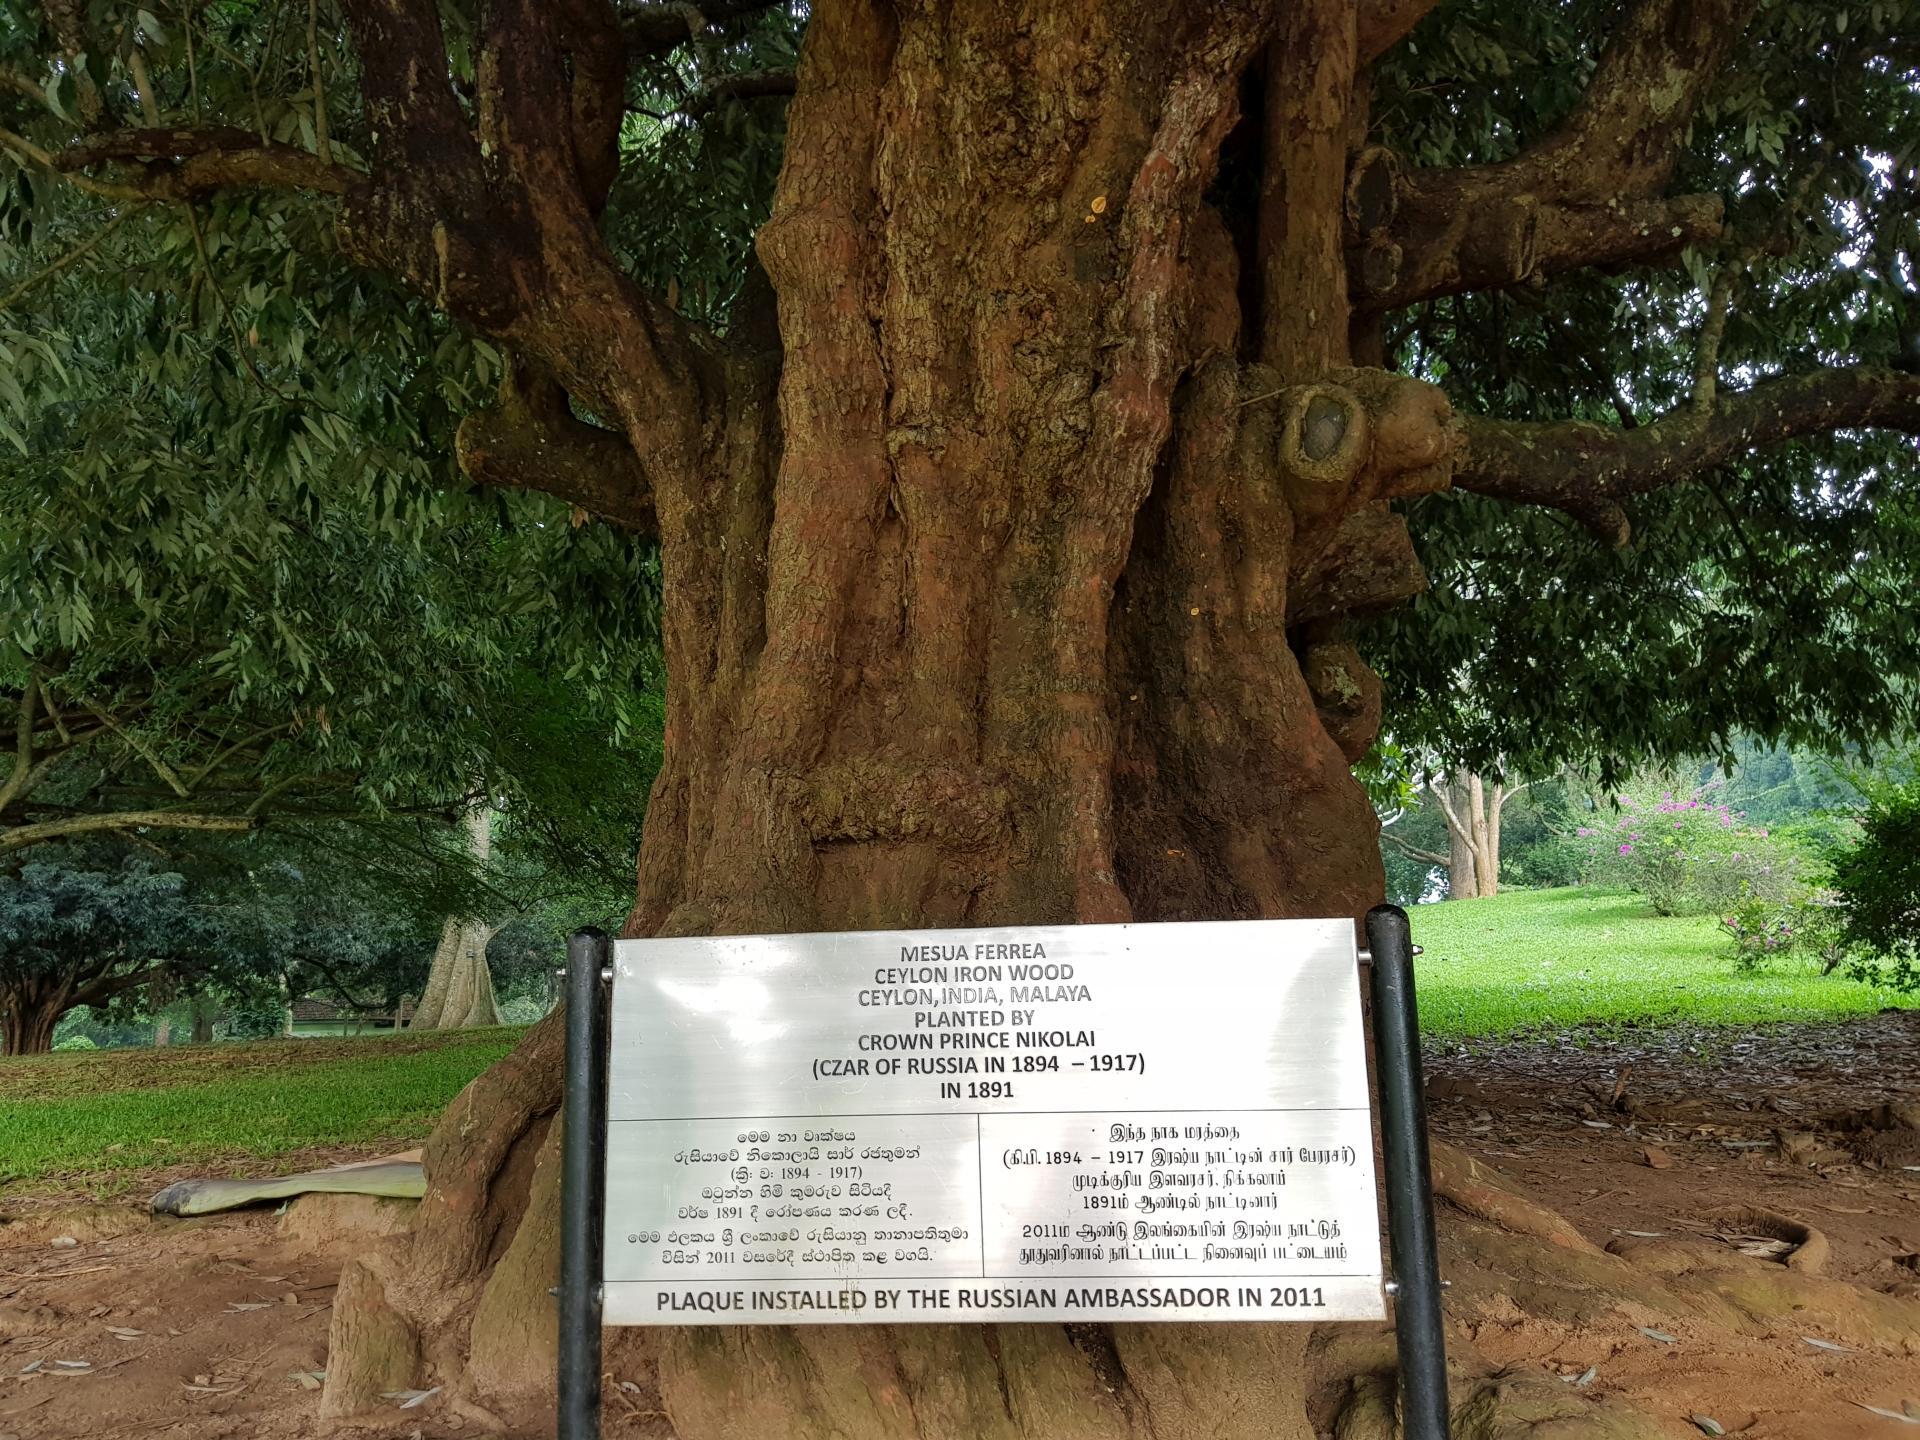 Дерево Николая II в Ботаническом саду Канди, Шри-Ланка.